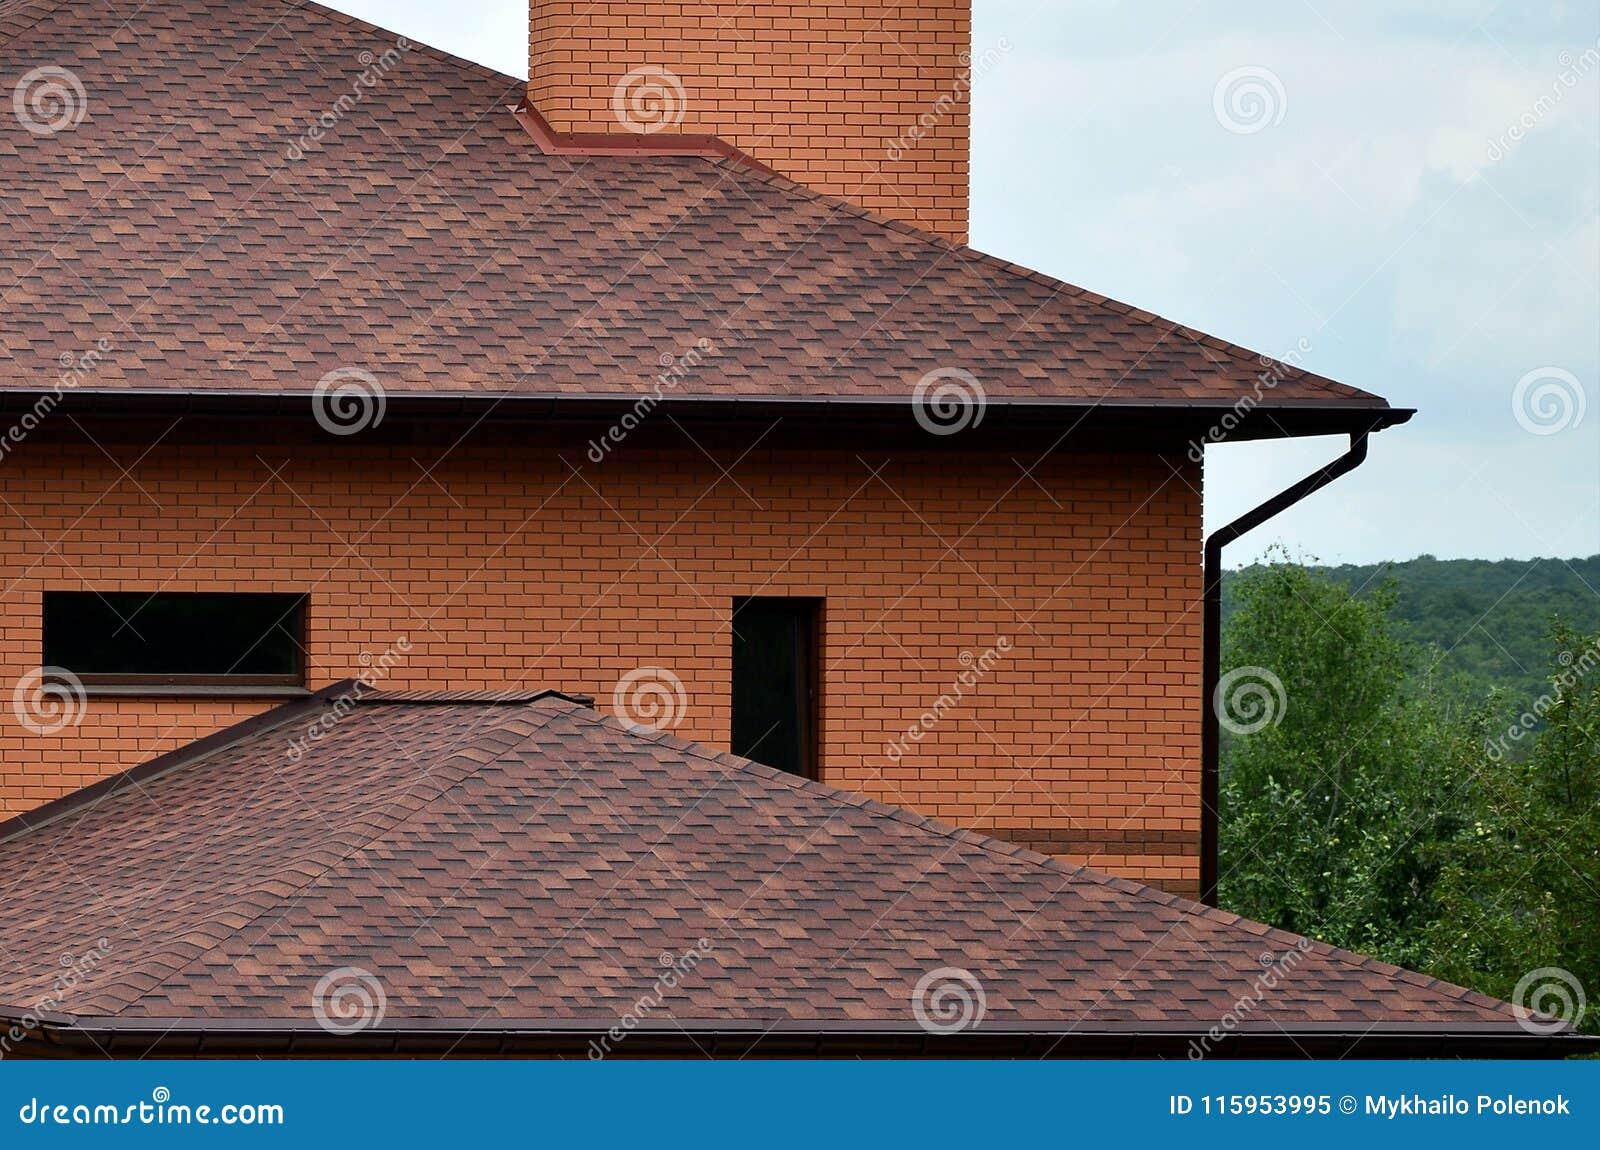 Το σπίτι είναι εξοπλισμένο με το υψηλής ποιότητας υλικό κατασκευής σκεπής των κεραμιδιών πίσσας βοτσάλων Ένα καλό παράδειγμα του